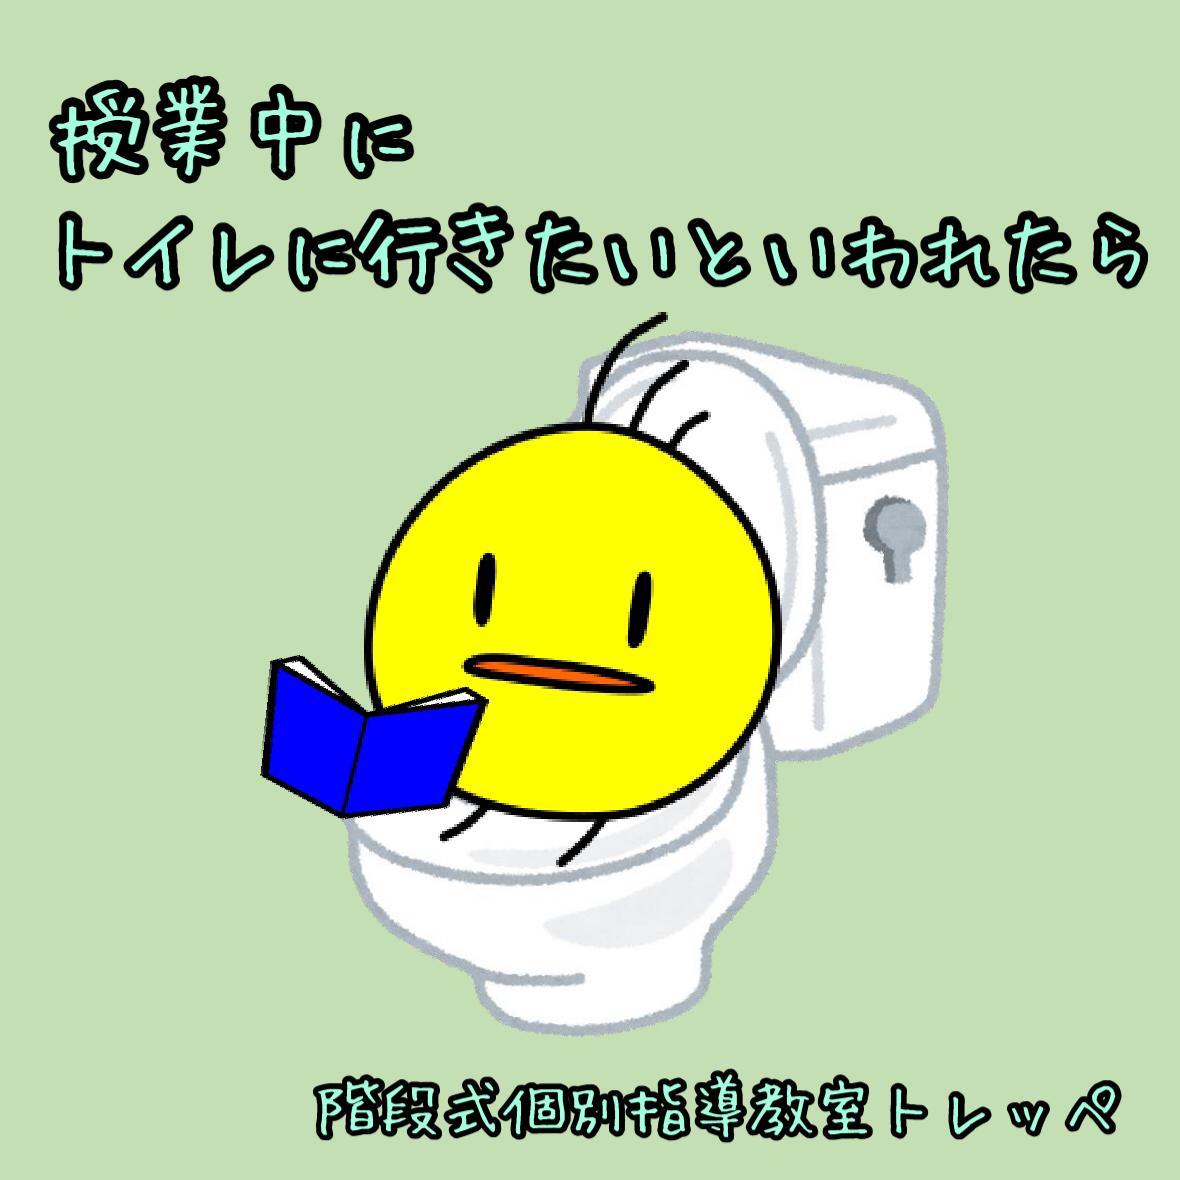 授業中にトイレに行きたいといわれたら【トレッペの勉強のこと】【日常のこと】